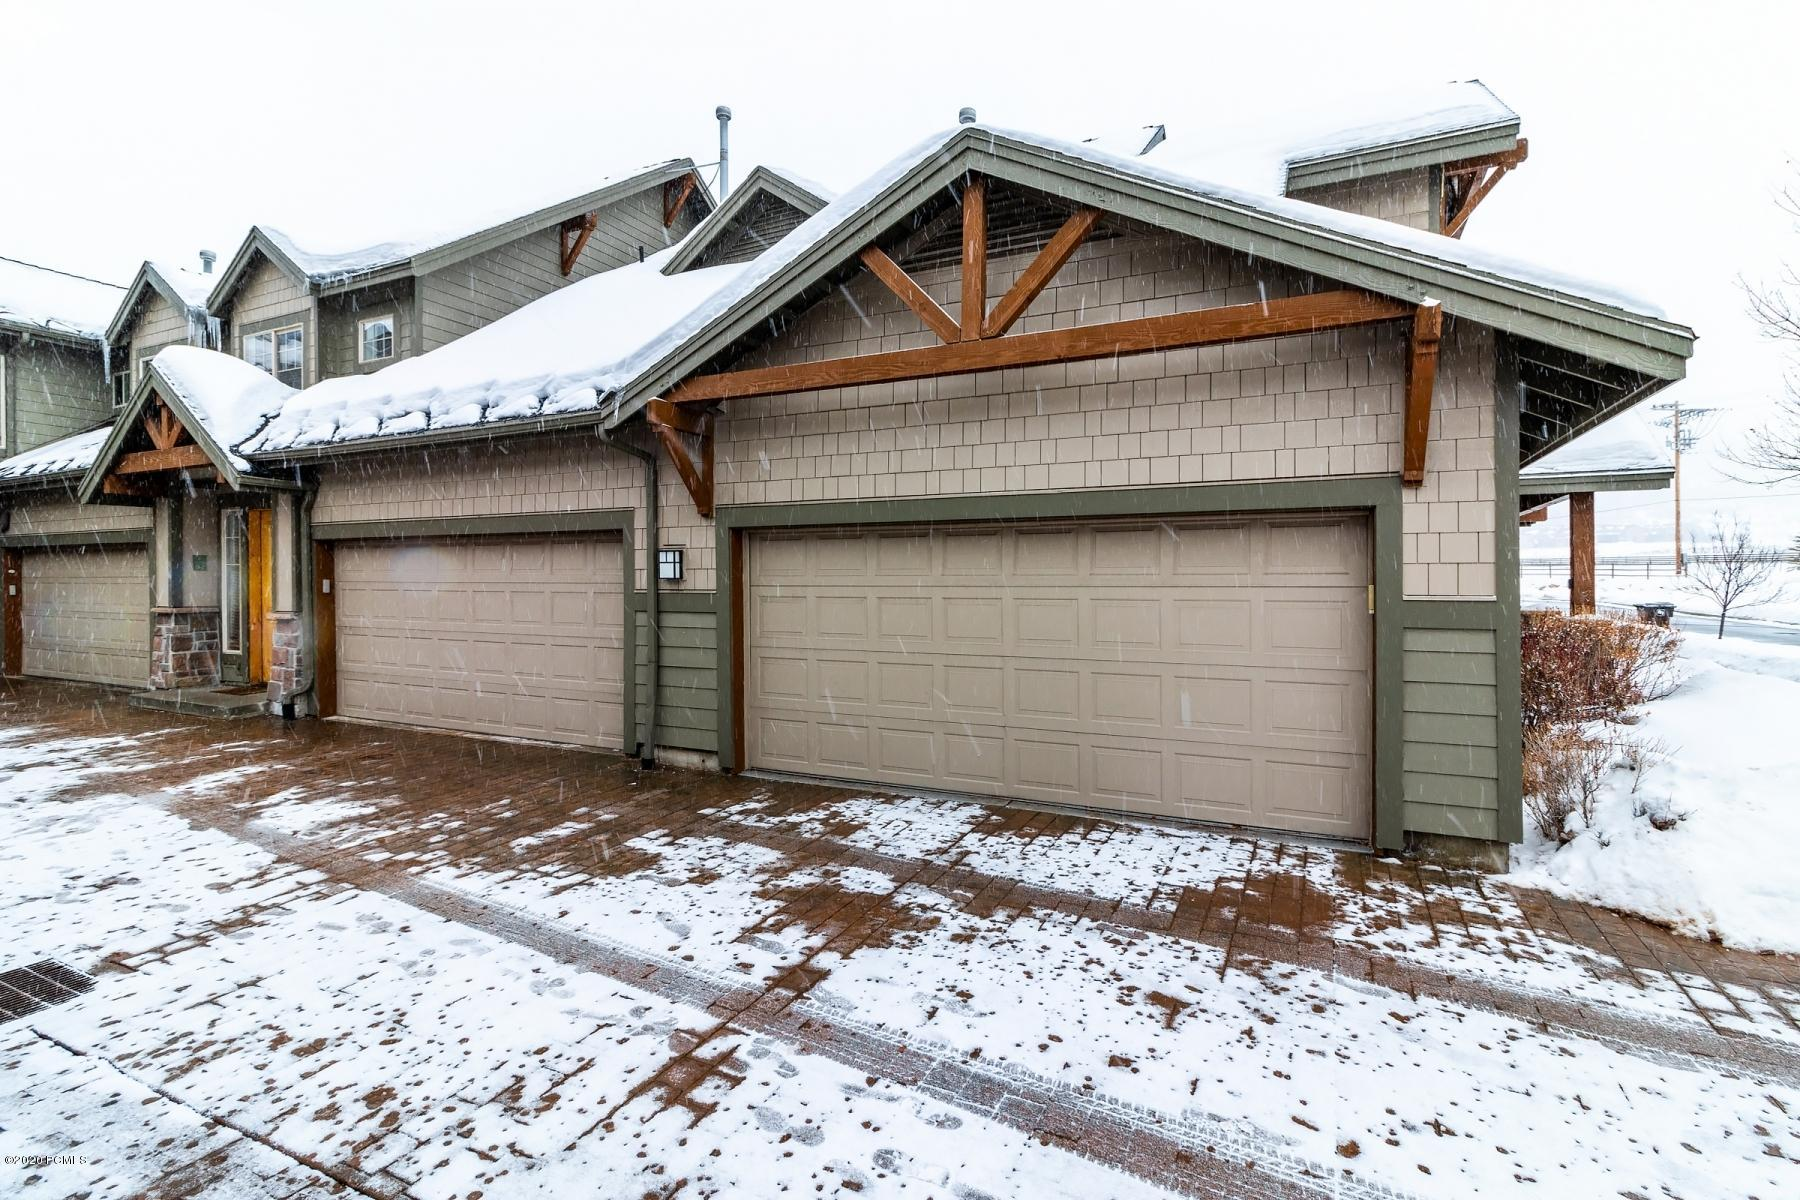 6010 Fox Pointe Circle, Park City, Utah 84098, 2 Bedrooms Bedrooms, ,3 BathroomsBathrooms,Condominium,For Sale,Fox Pointe,20190109112430415765000000